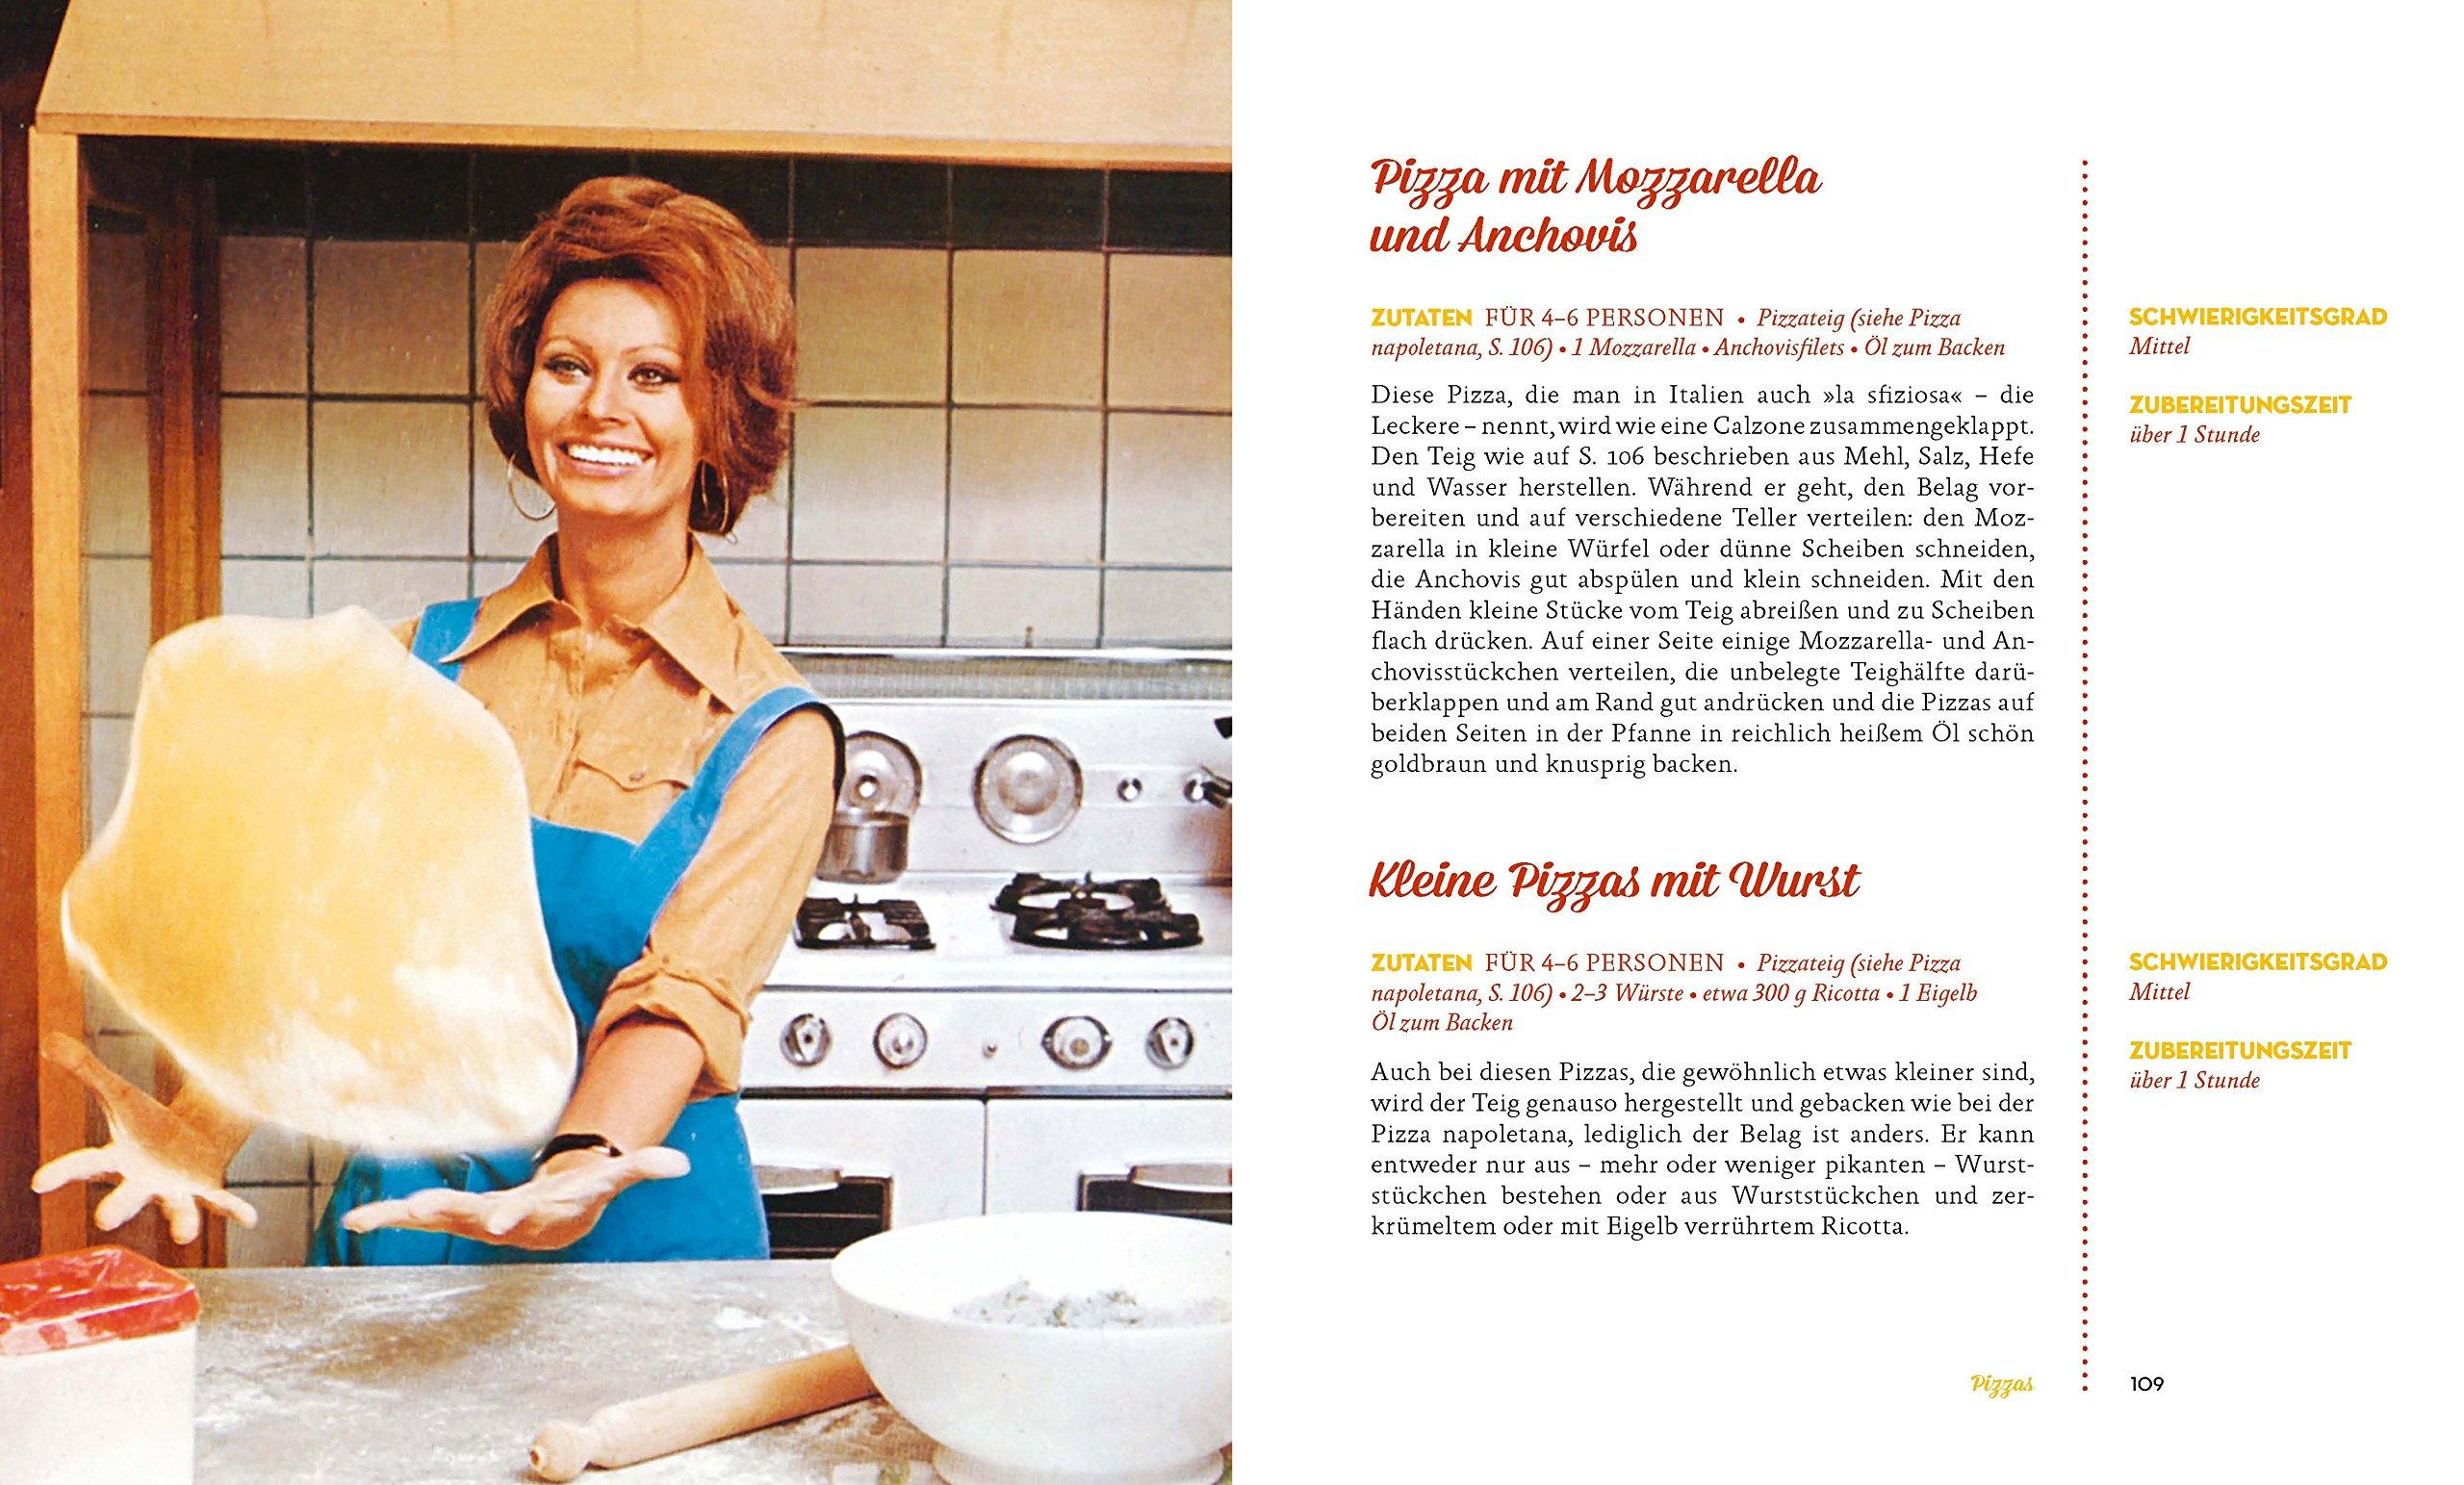 in cucina con amore: 9783833839412: amazon.com: books - In Cucina Con Amore